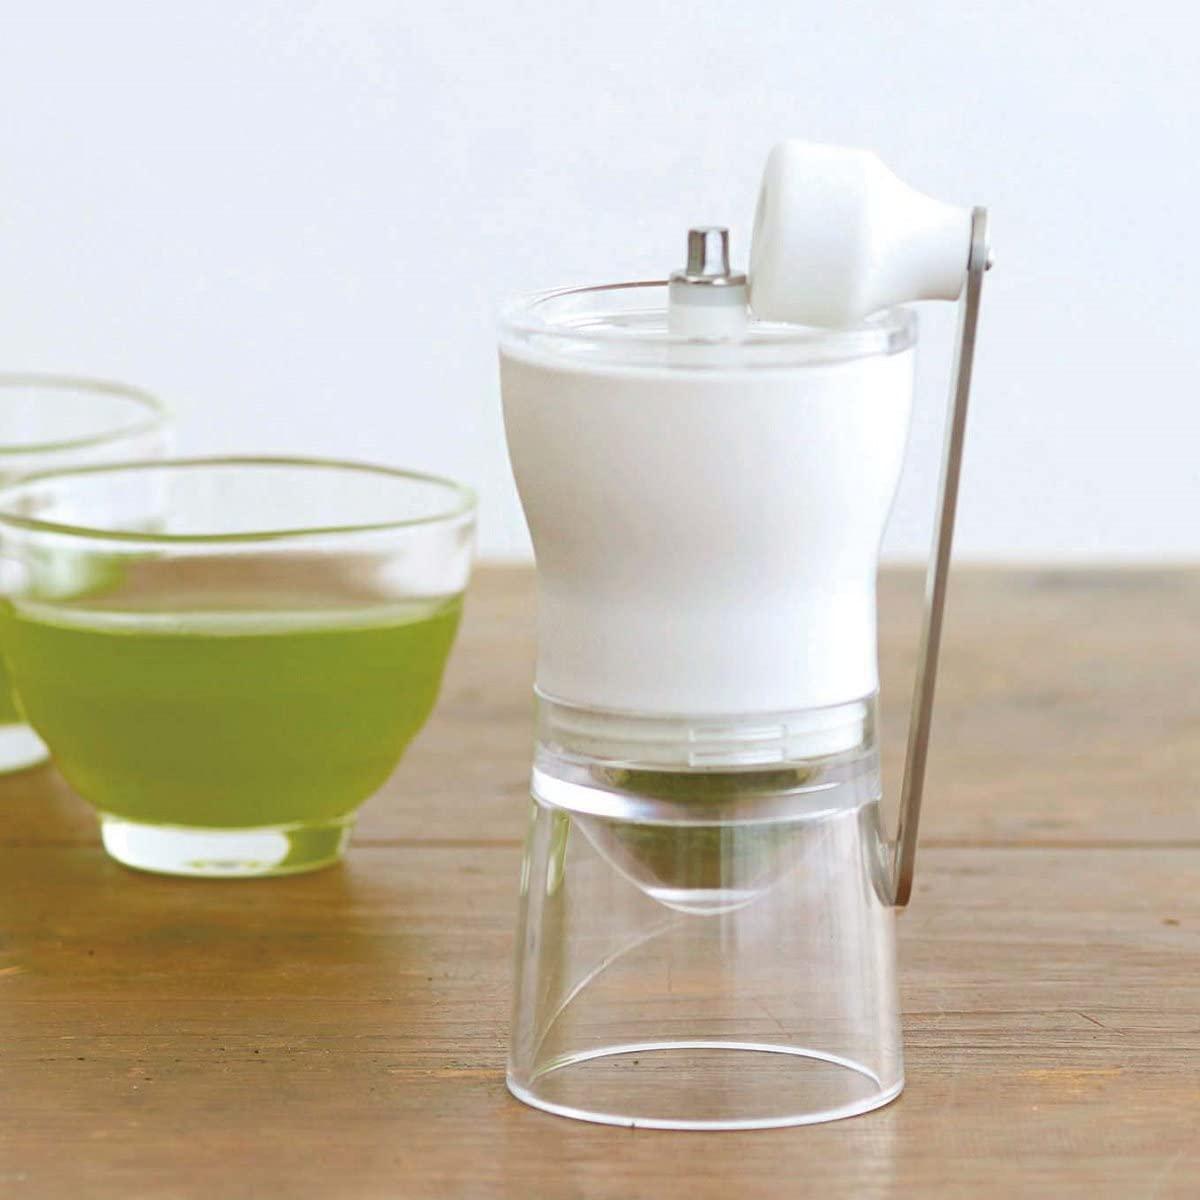 HARIO(ハリオ) お茶ミル ホワイト OMC-1-SGの商品画像7